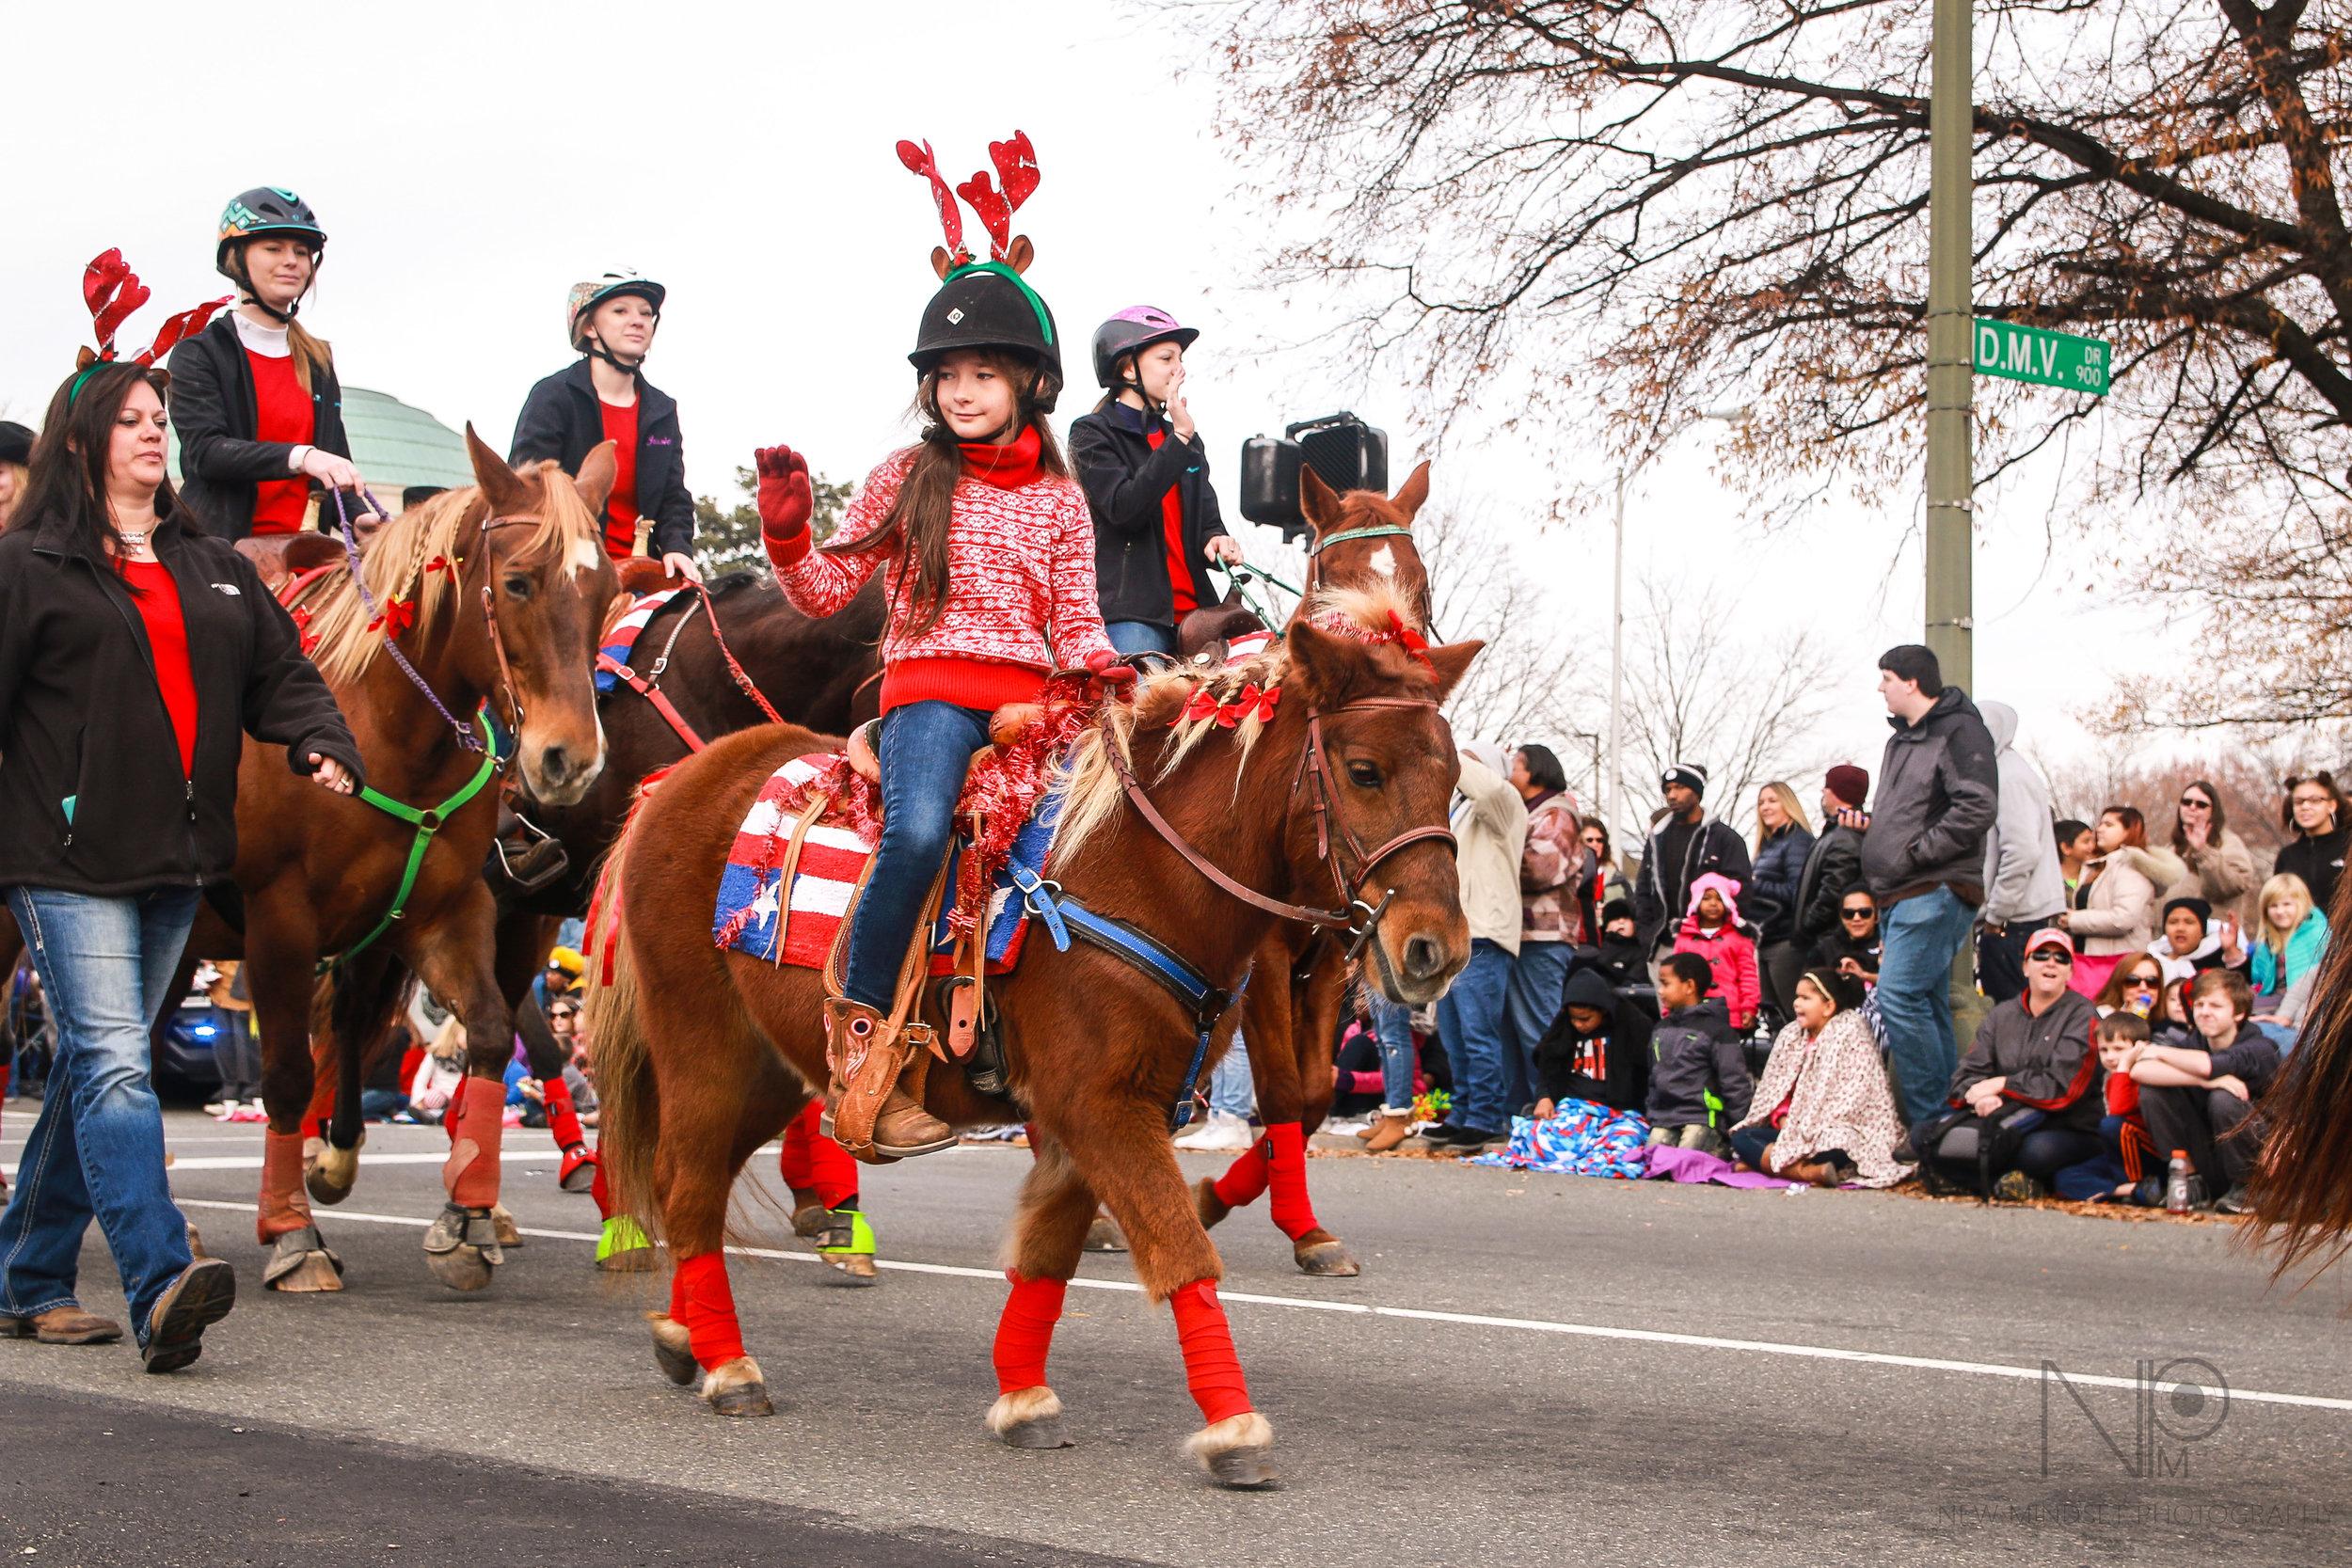 christparade17-64.jpg